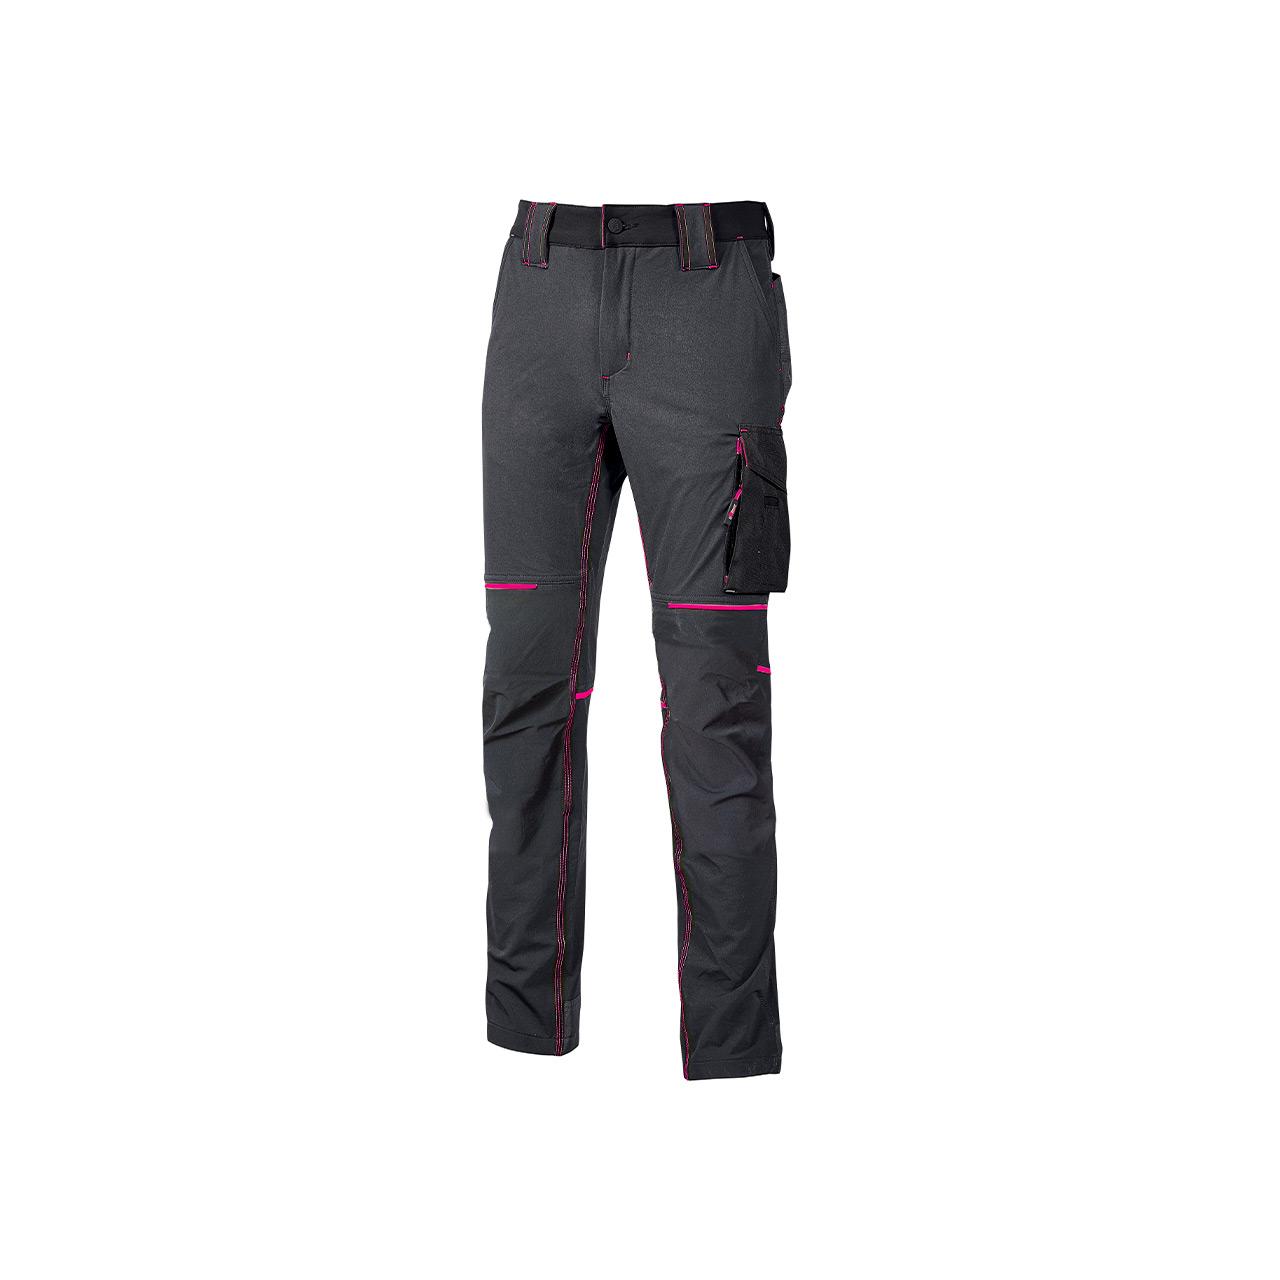 pantalone da lavoro upower modello world lady colore grey fucsia prodotto